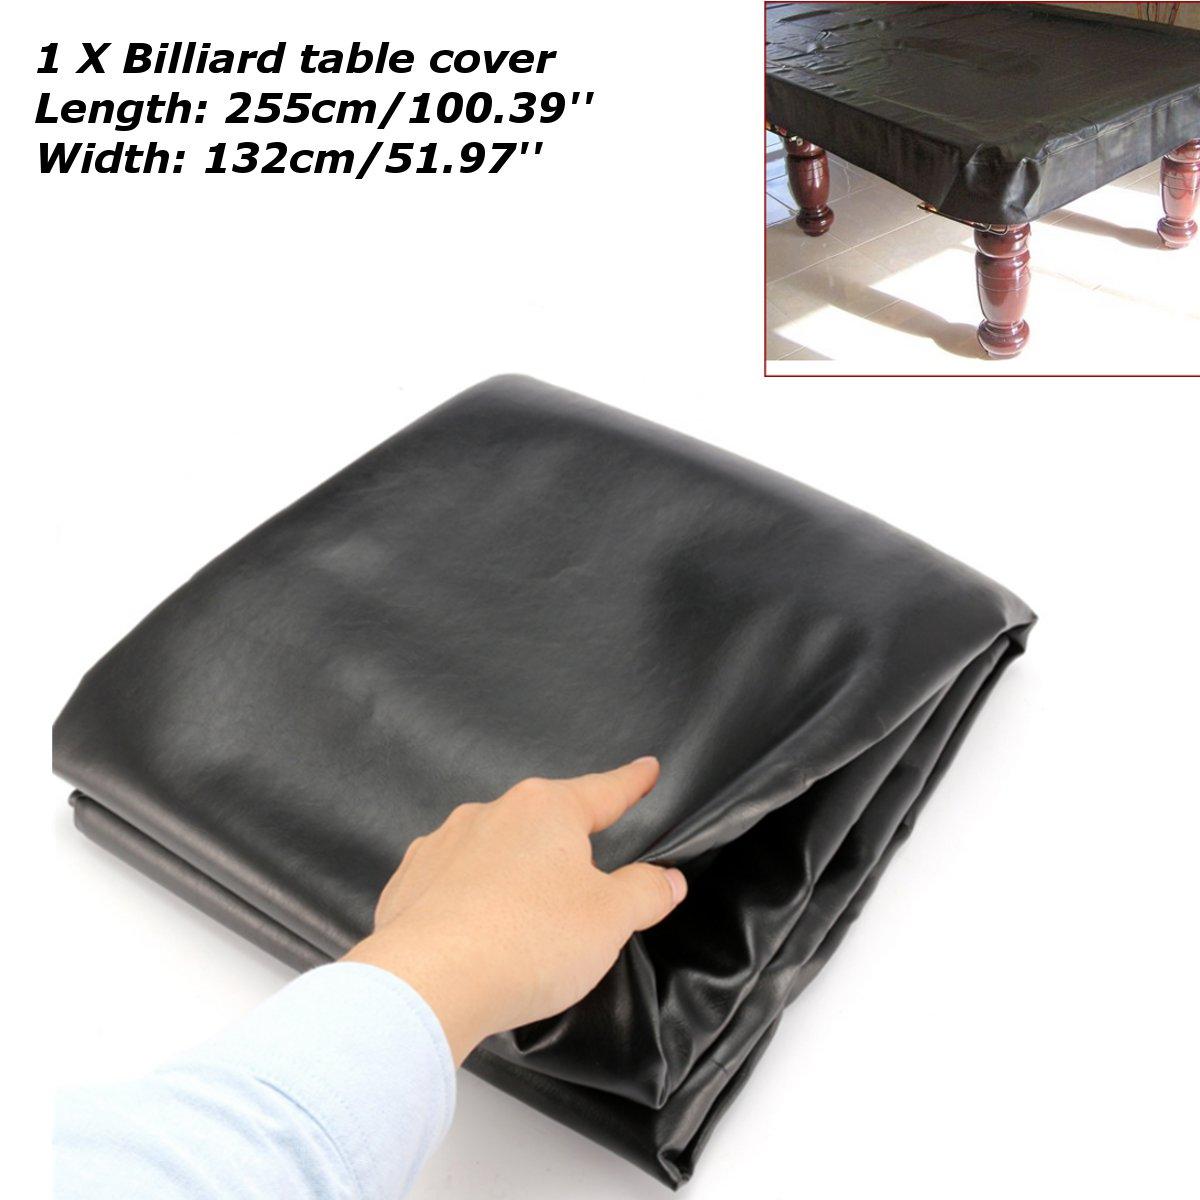 255*132cm couverture de billard de Table universelle étanche à la poussière en caoutchouc résistant à la déchirure pour Table de billard Rectangle nappe de couverture de billard